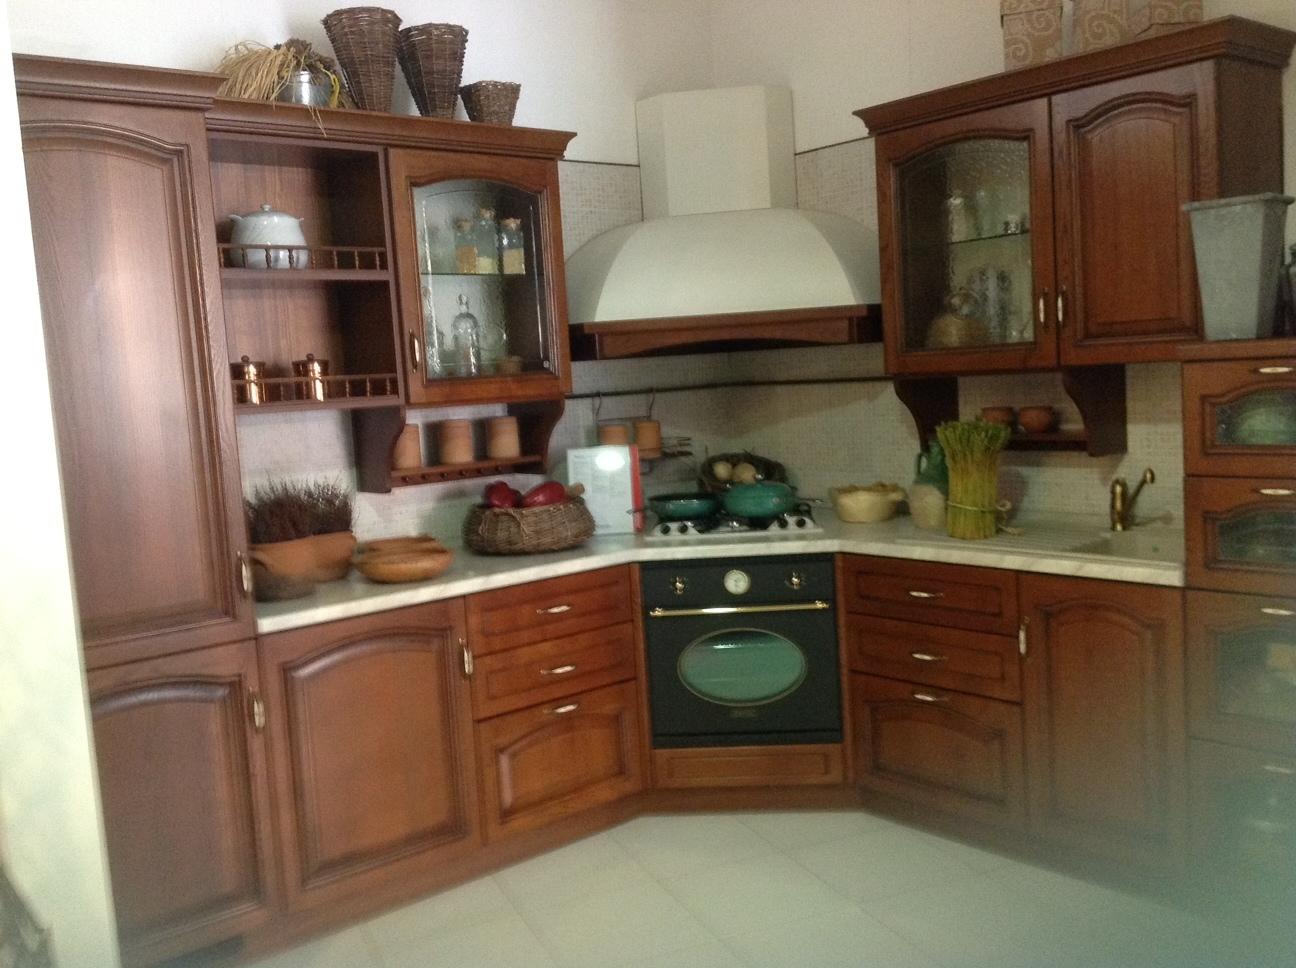 Cucine classiche bianche legno bellissima cucina moderna elegante e raffinata con pavimento - Cucine classiche bianche ...